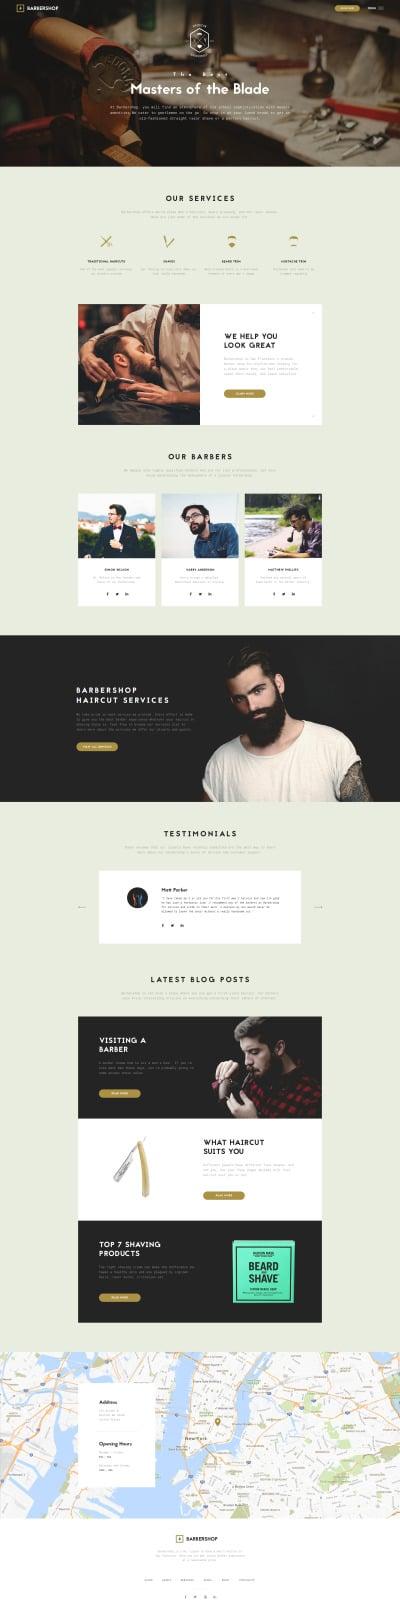 Barbershop - Hair Care & Hair Styling Website Template #61206